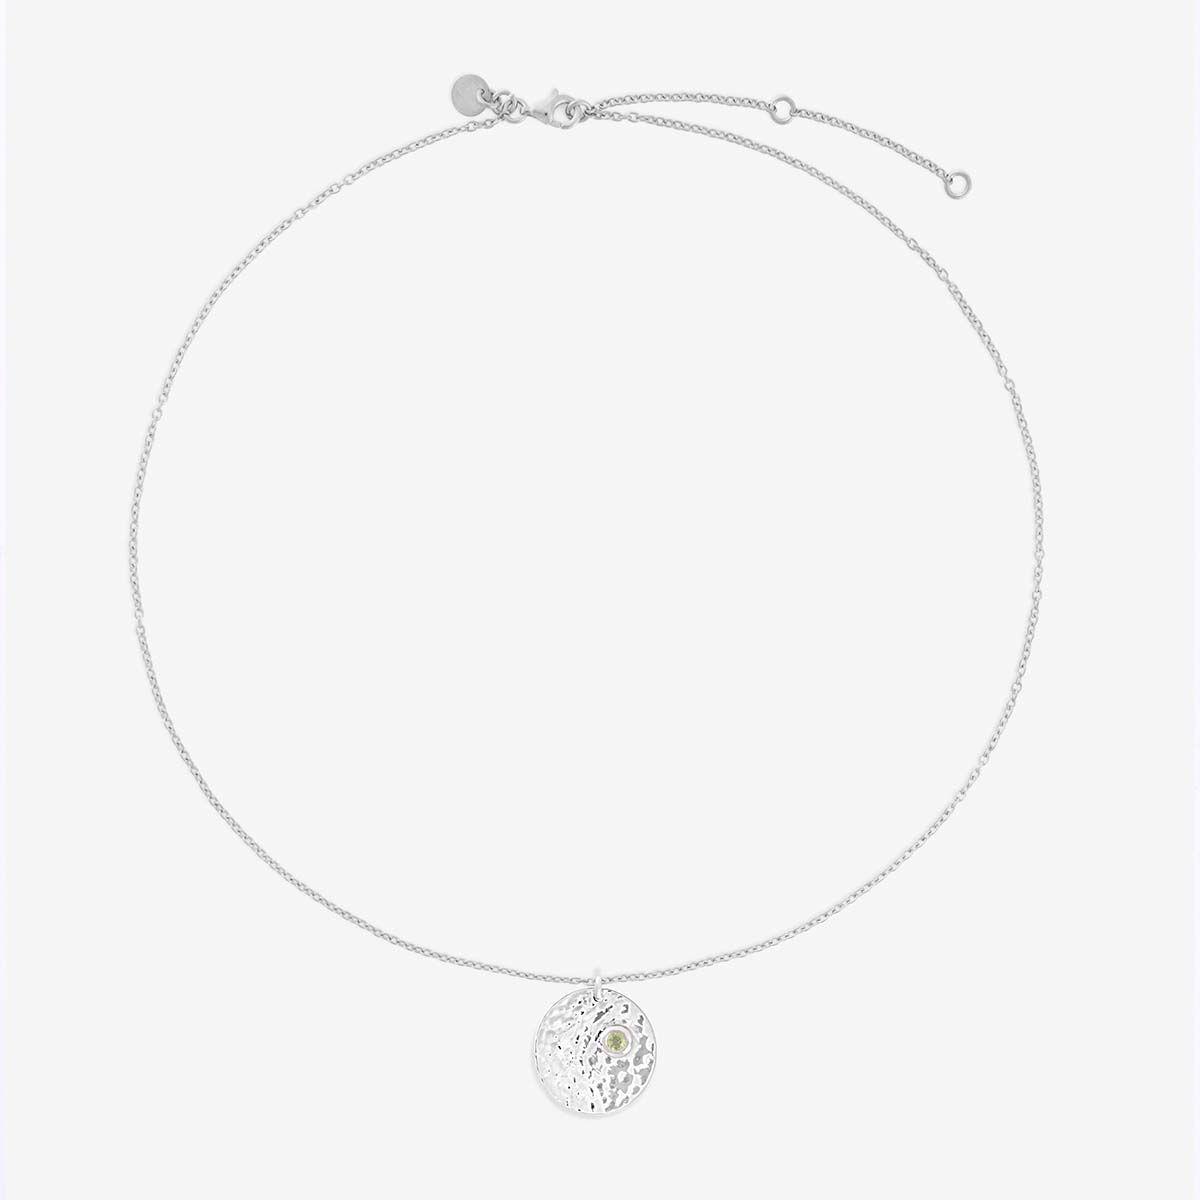 Birthstone August - Halsketten - Silber